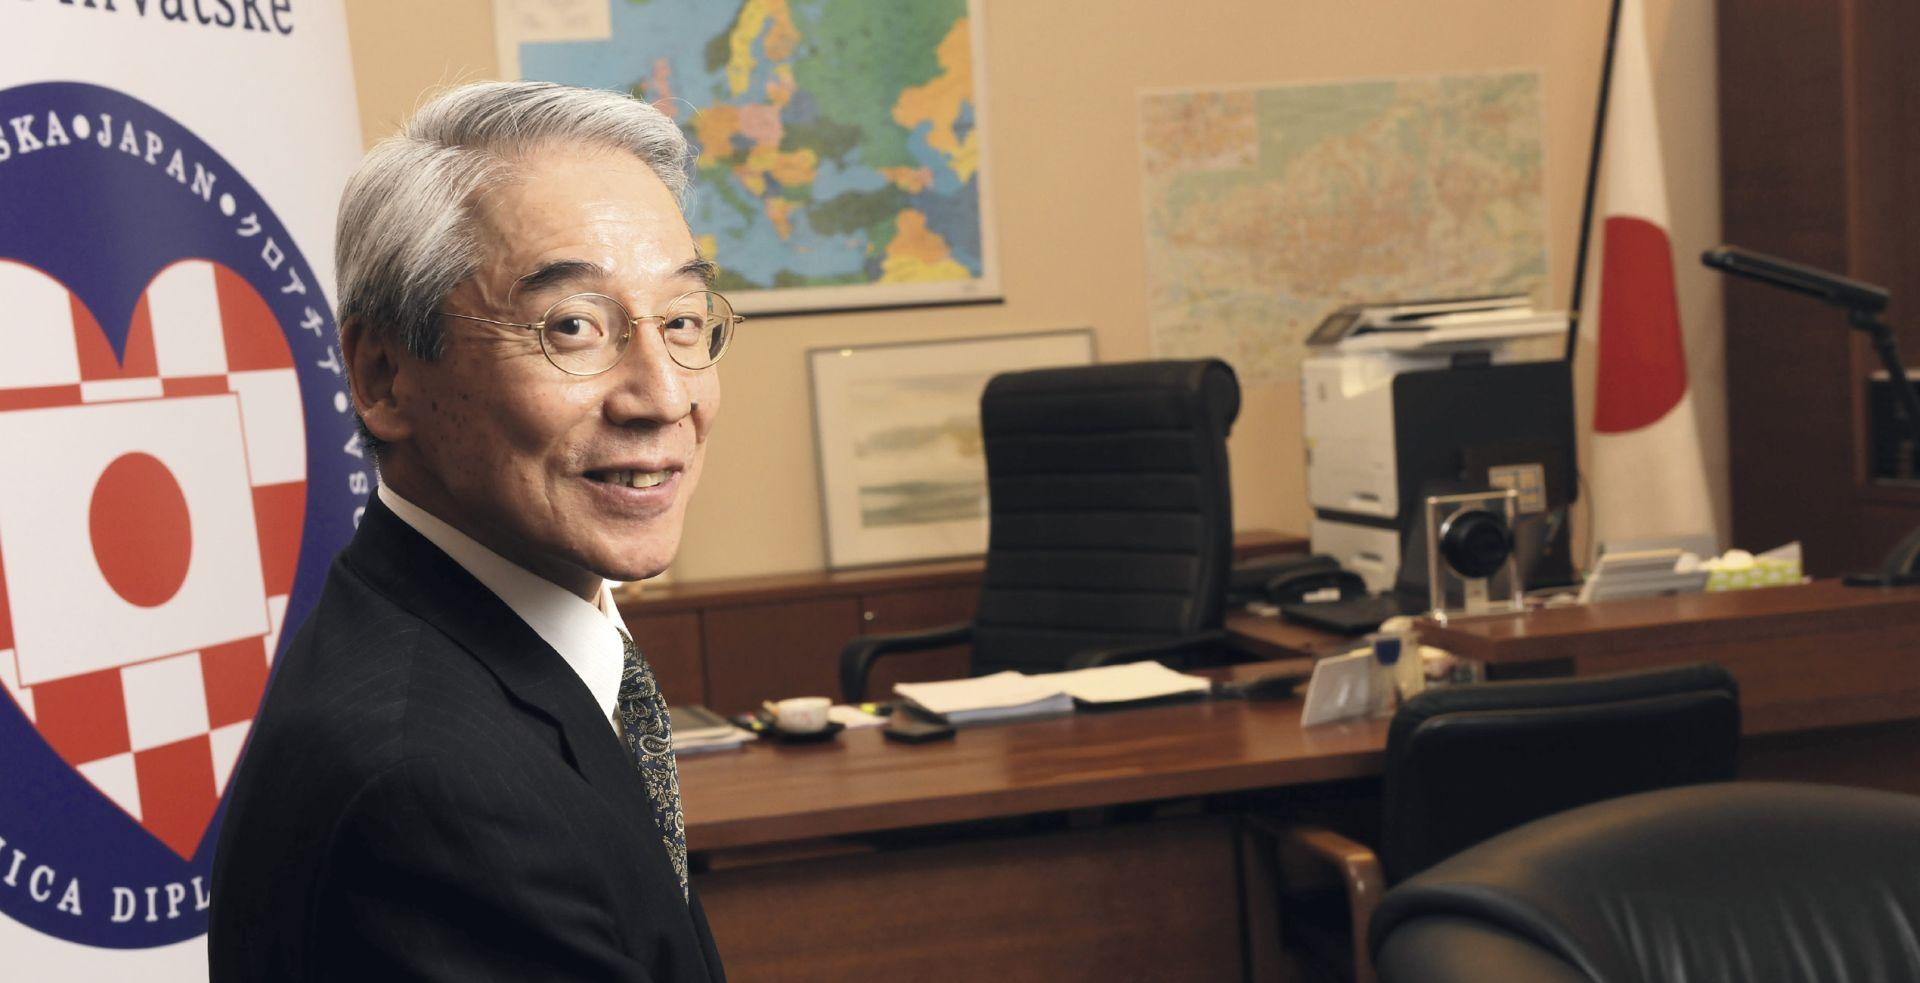 'Ako želi više turista iz Japana, RH treba ponovno otvoriti ured HTZ-a u Tokiju'